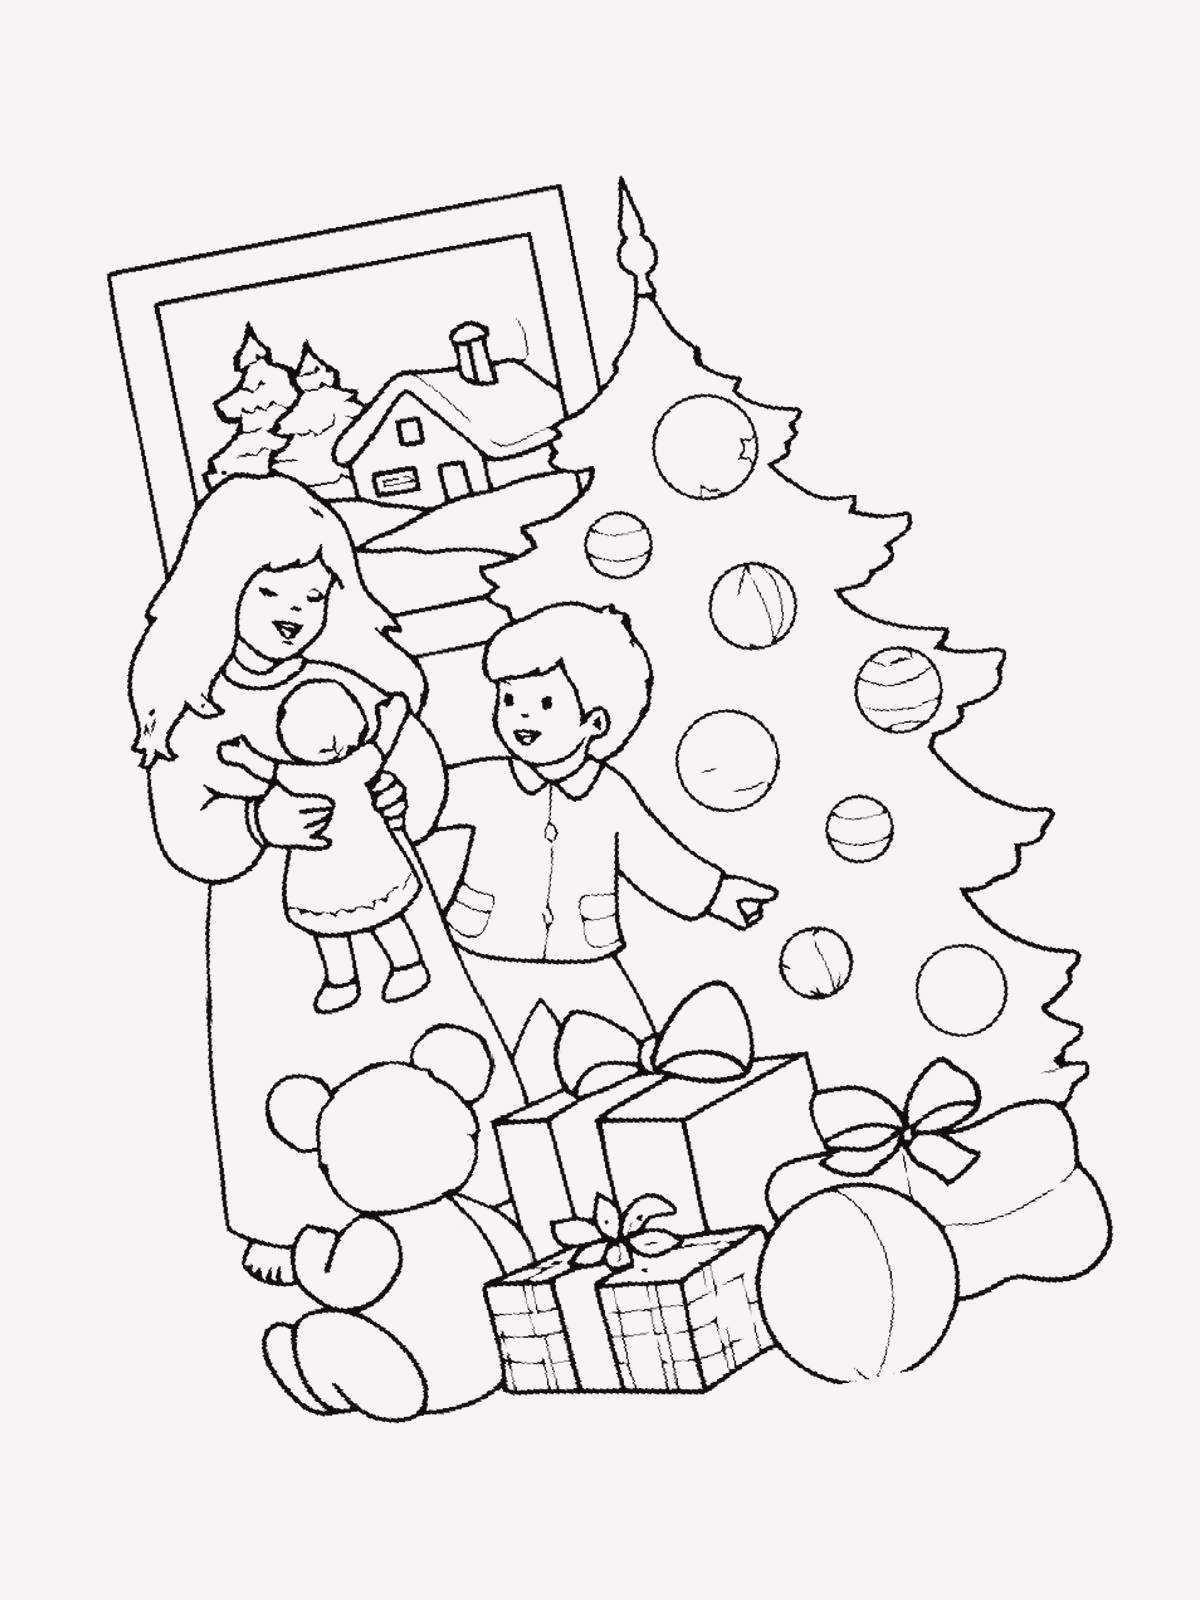 Ausmalbilder Weihnachten Disney Kostenlos Frisch Disney Malvorlagen Bild Crossradio Fotos